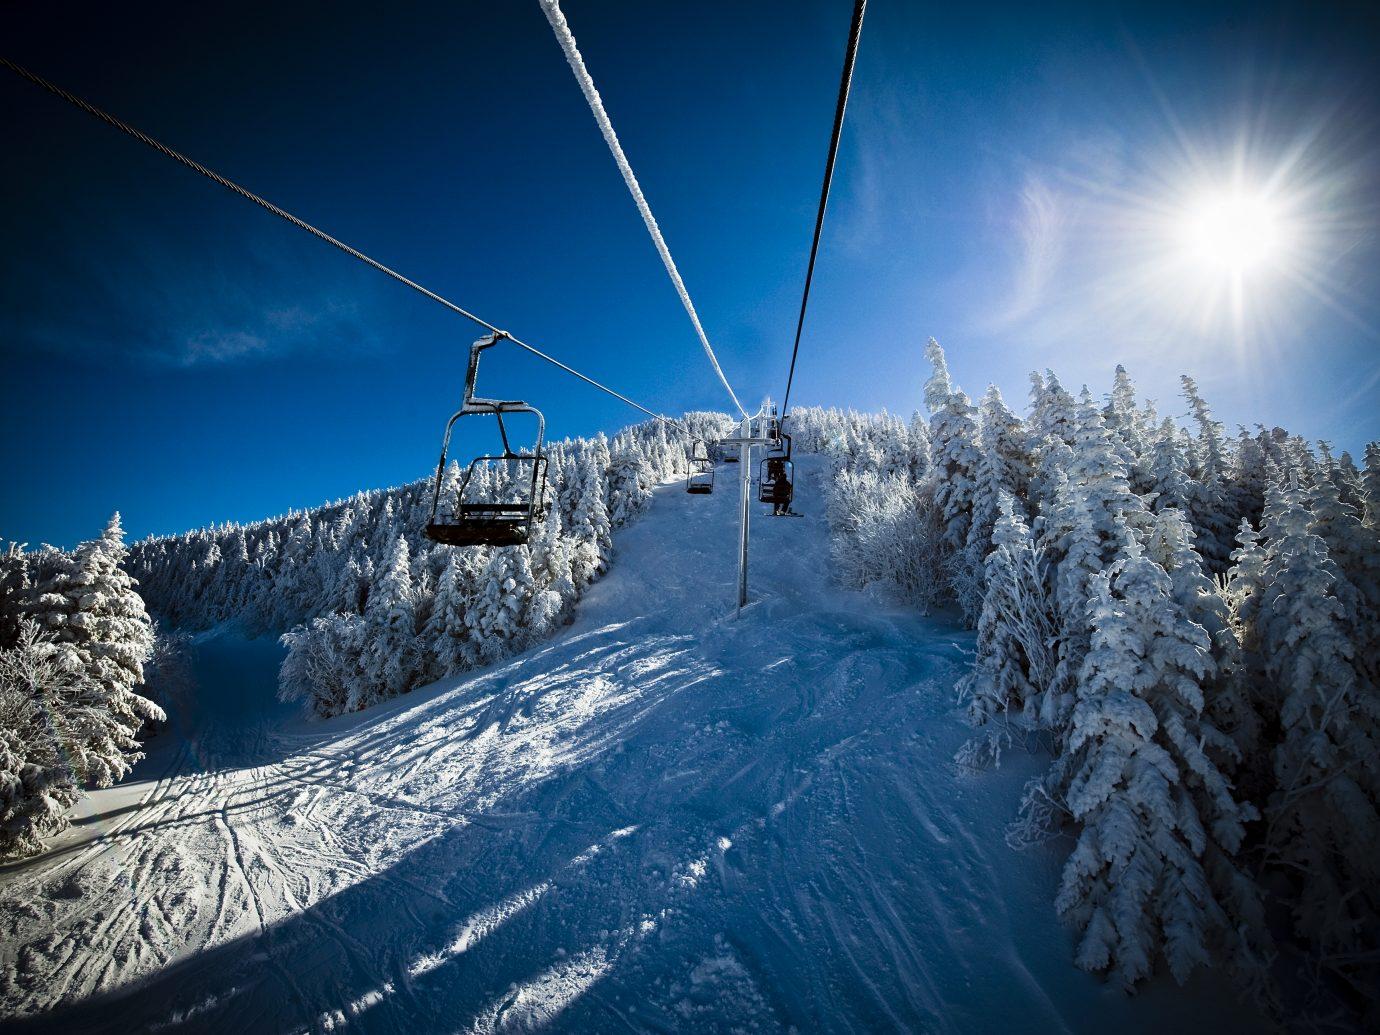 Ski lift at Smuggler's Notch